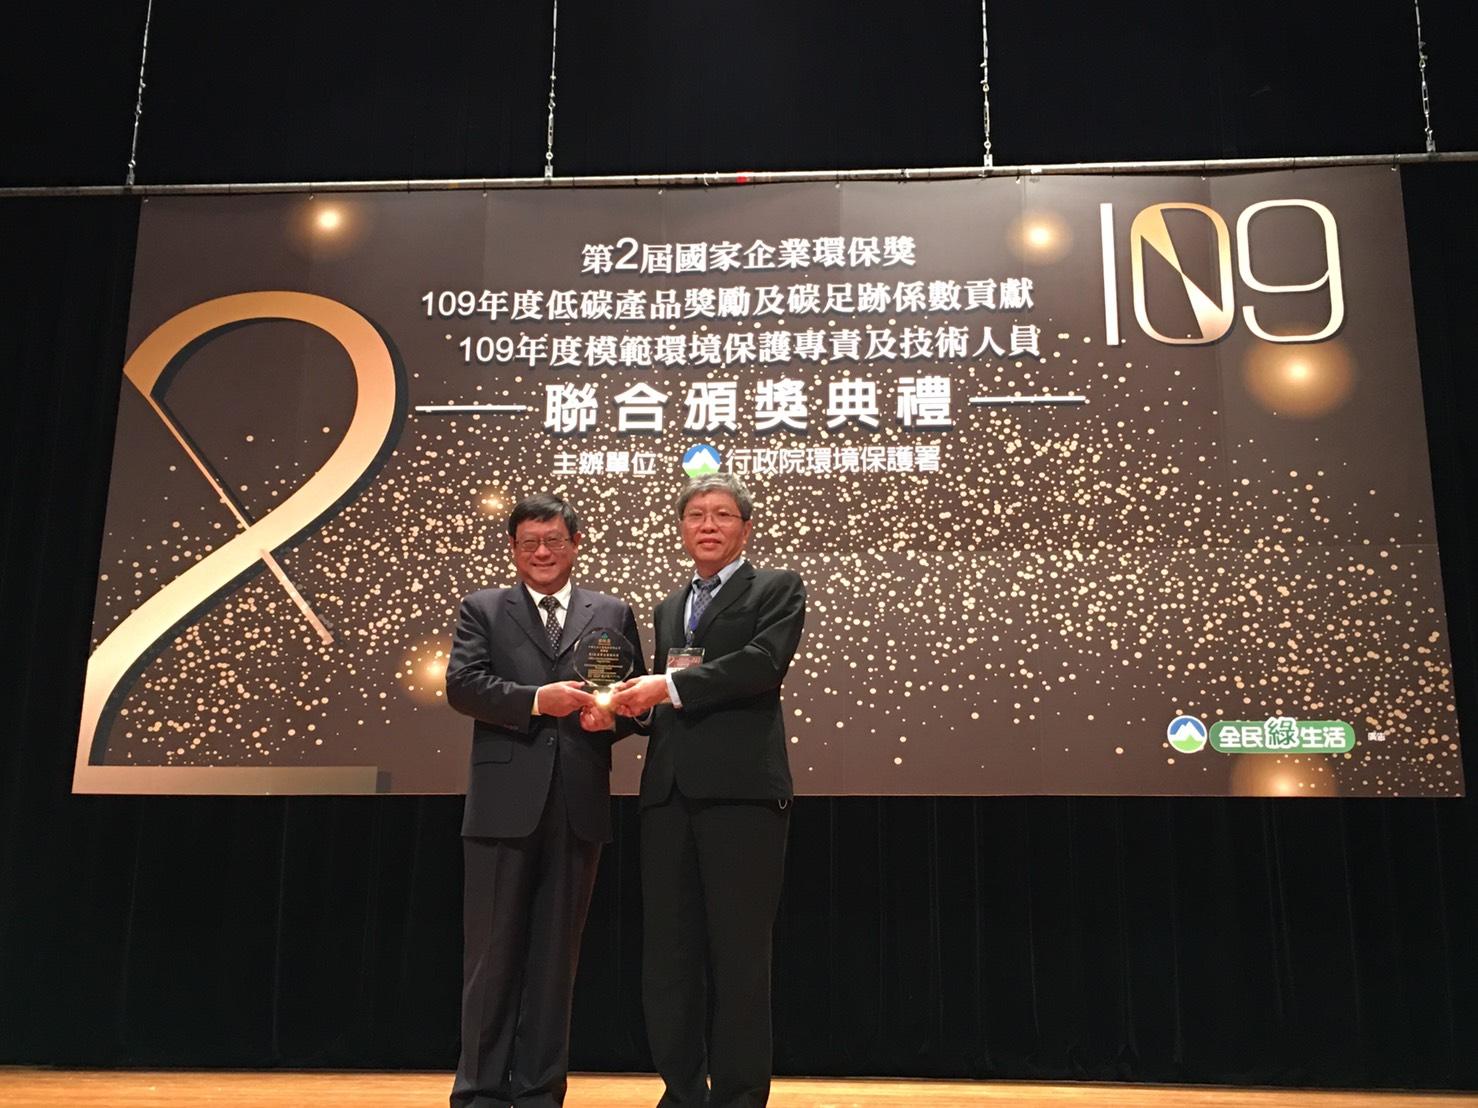 中華汽車企榮獲第二屆國家企業環保獎肯定,朱陳興副總代表授獎。